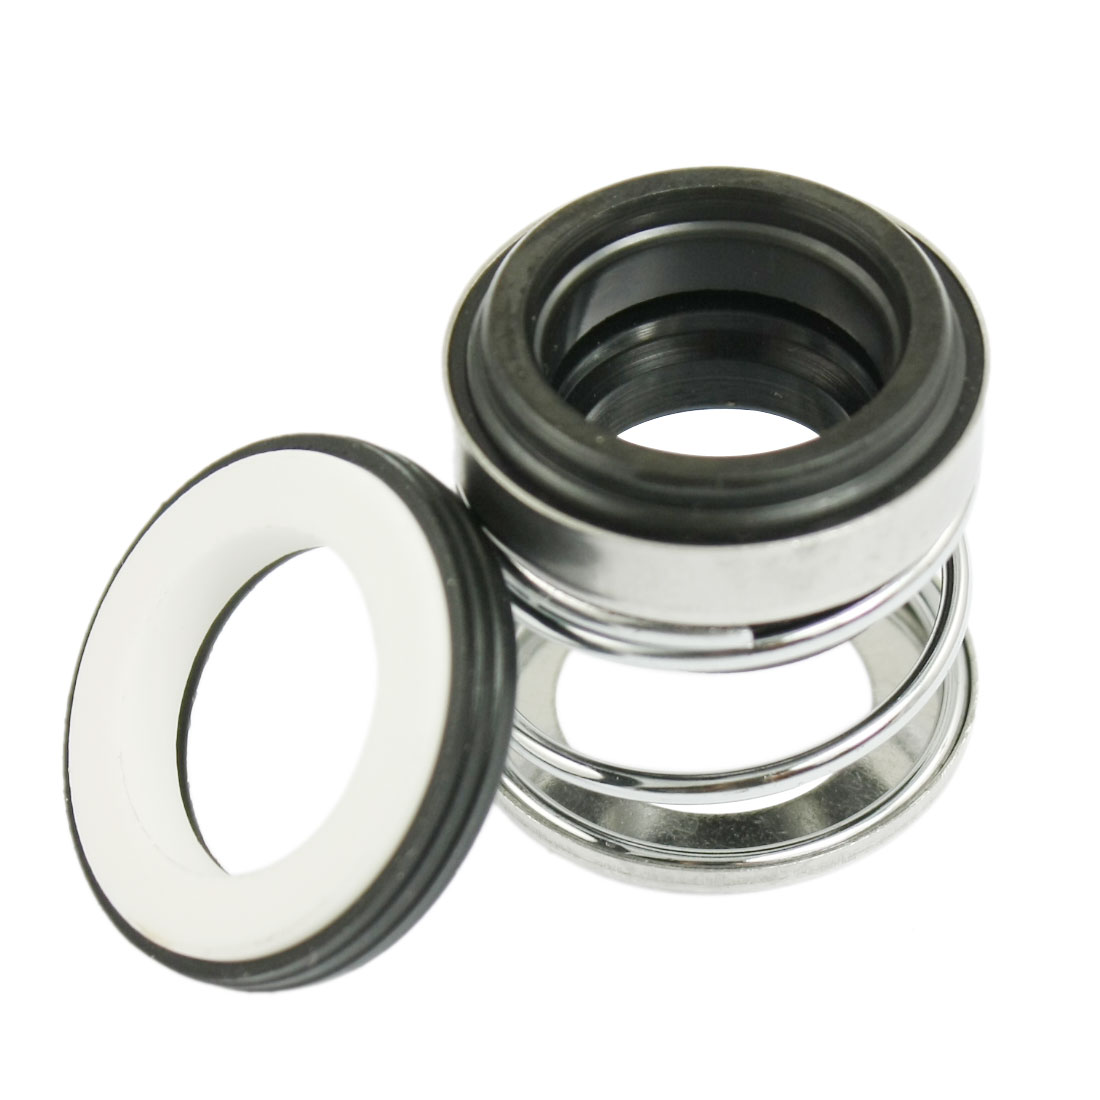 2 Pcs 108-15 15mm Internal Diameter Mechanical Water Pump Shaft Seal